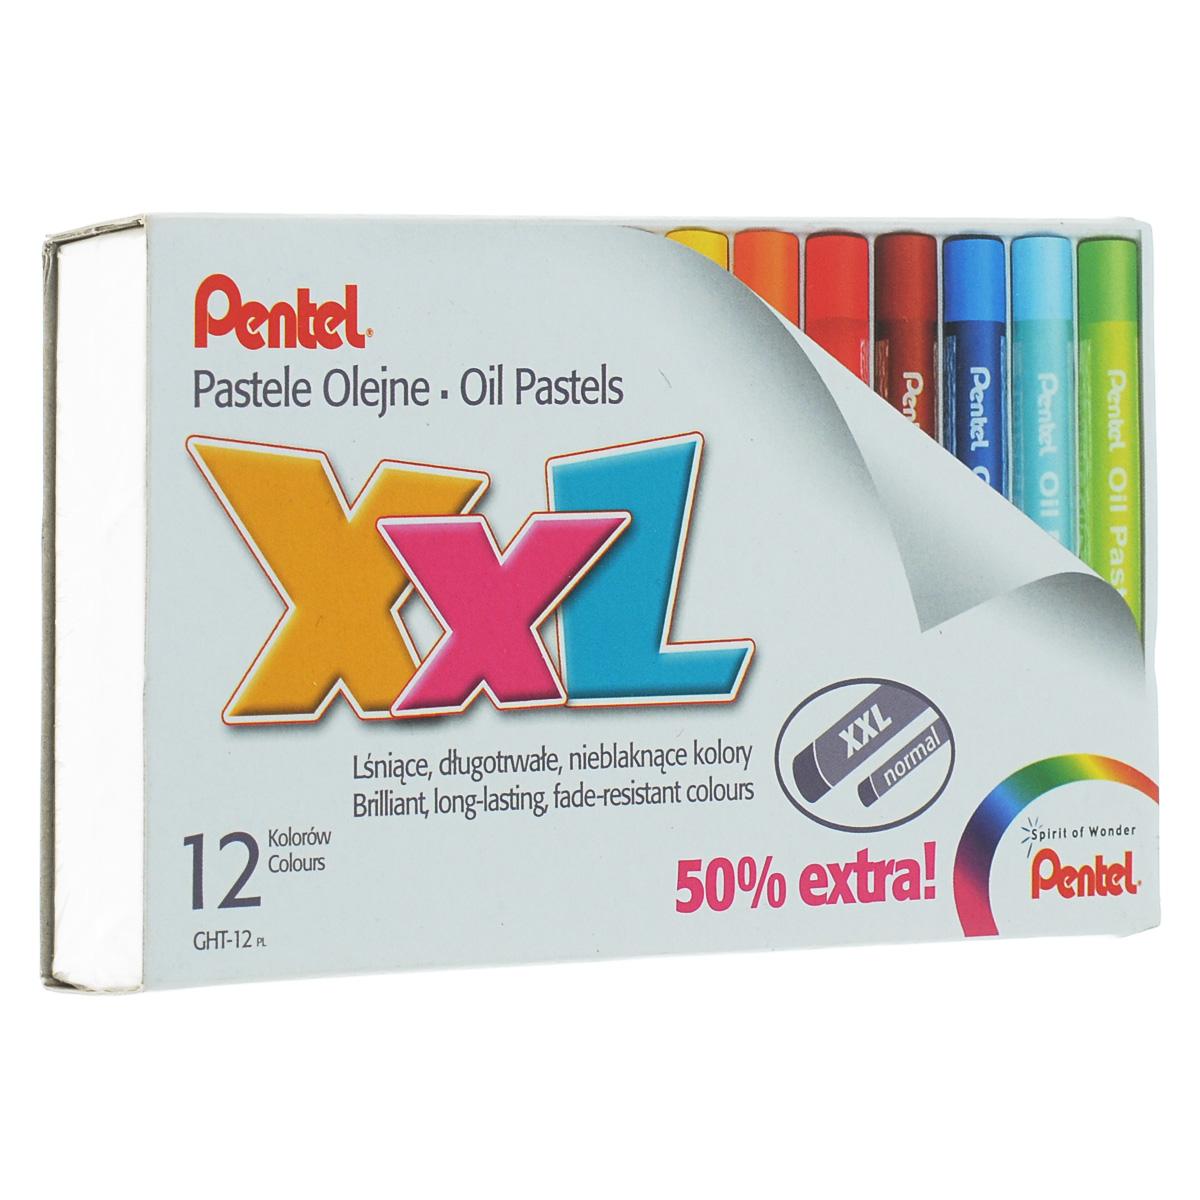 Пастель масляная Pentel XXL, 12 цветовC13S041944Пастель масляная Pentel XXL изготовлена из натуральных компонентов и не содержит вредных примесей. Соответствует европейскому стандарту качества EN71, утвержденному для детских товаров. Пастелью можно рисовать в любой технике (в сочетании с цветными карандашами, красками). При работе пастелью лучше использовать шероховатые поверхности - специальные бумаги, картон, холст. Пастель отличают яркие долговечные цвета, стойкие к воздействию света. Для удобства использования краски имеют форму мелков с увеличенным диаметром. Длина мелка: 6 см. Диаметр мелка: 1 см. Количество цветов: 12.